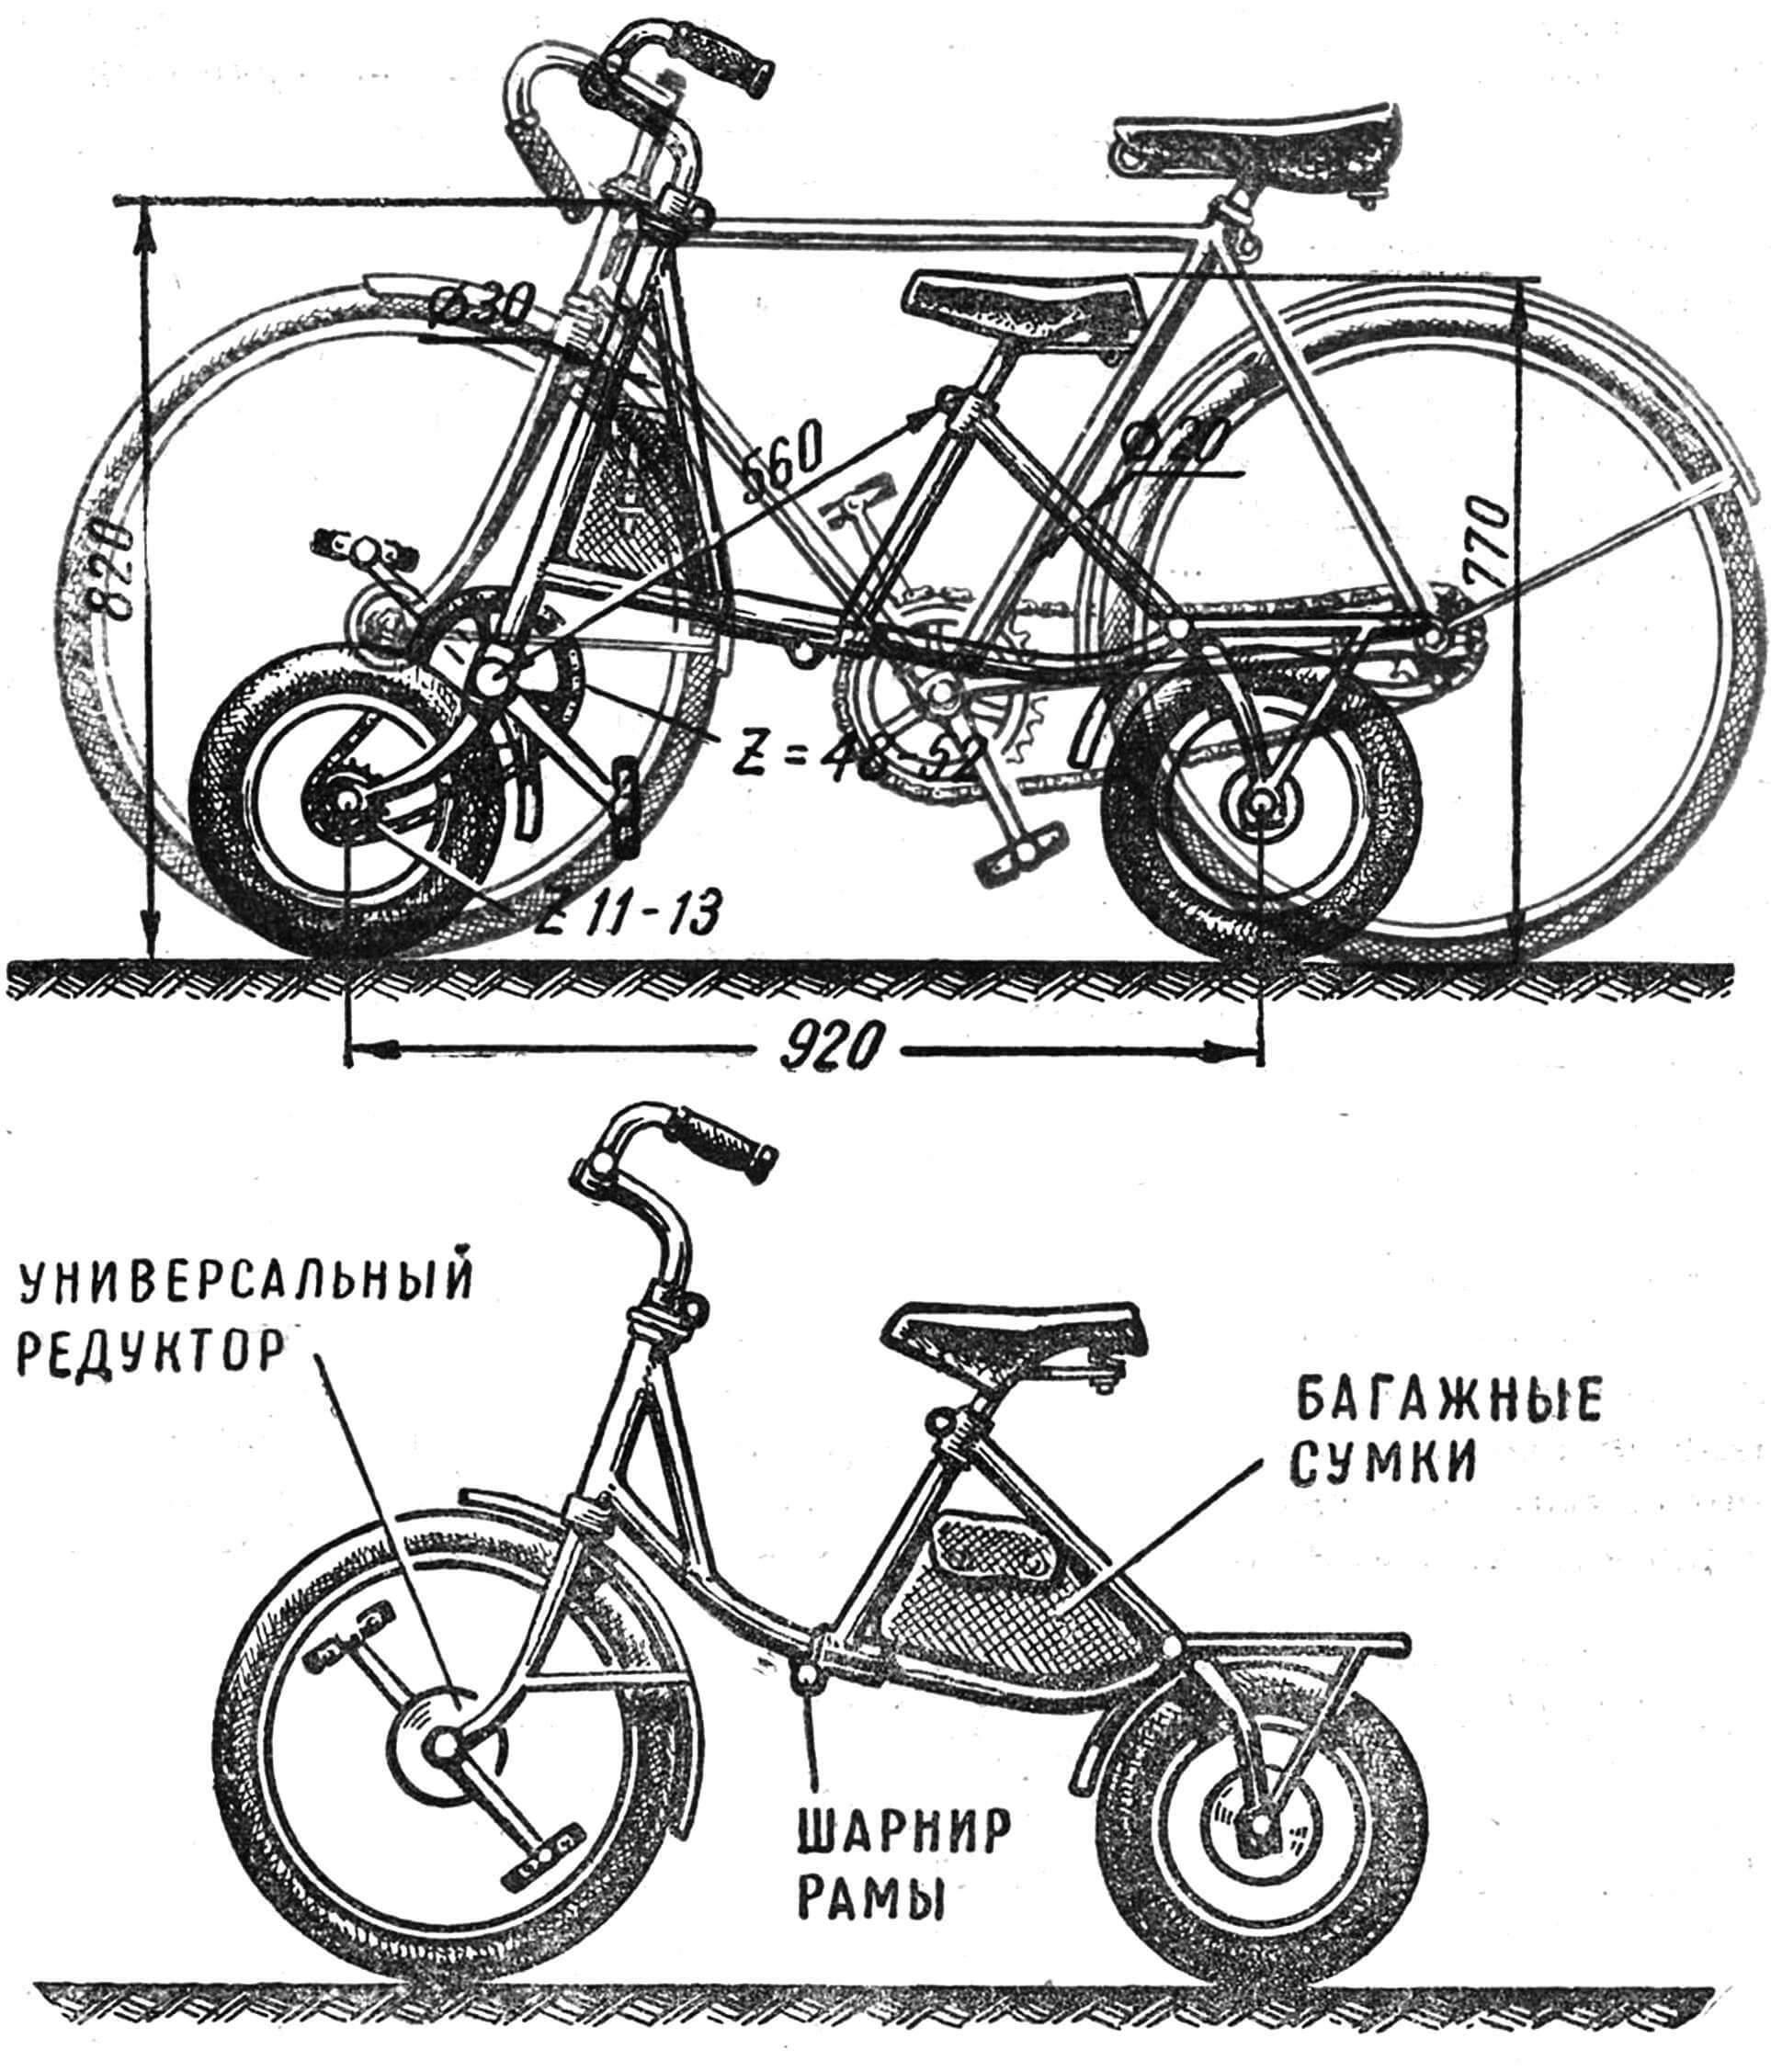 Рис. 1. Сравнительные габаритные размеры «Быстронога» и обычного дорожного велосипеда.